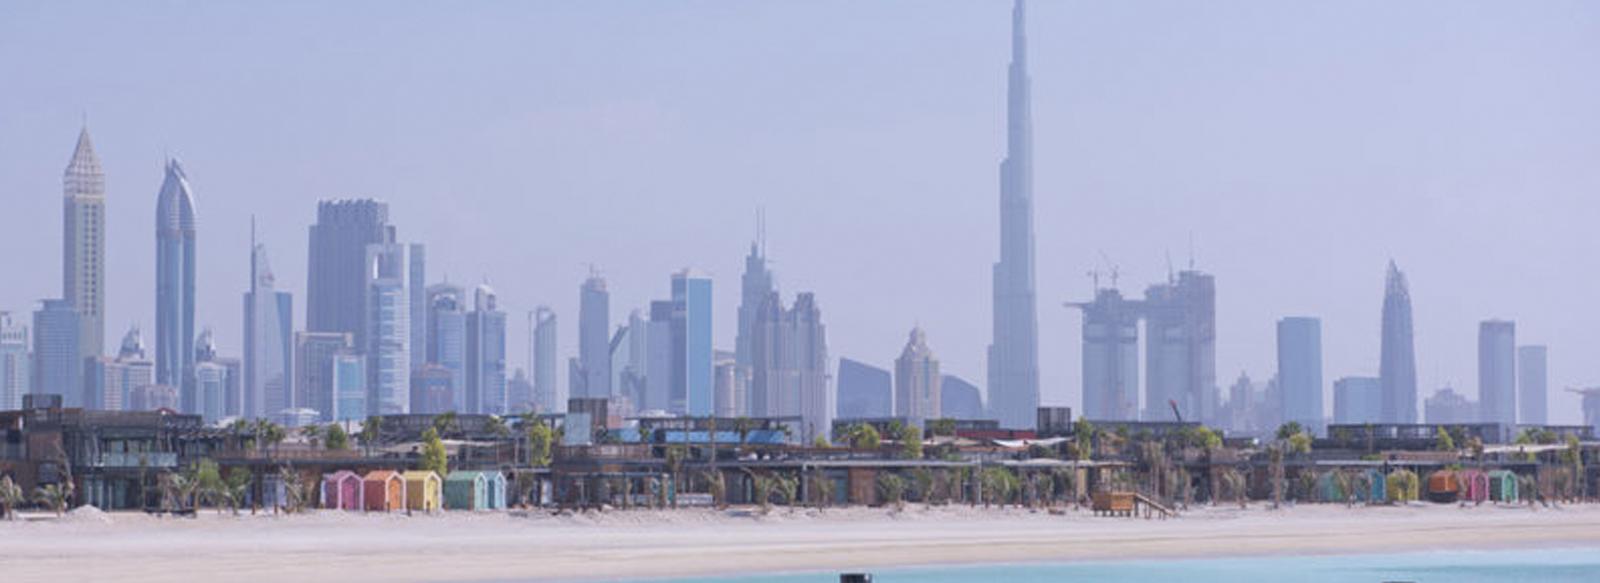 La Mer Island South Plots in Jumeirah by Meraas in Dubai